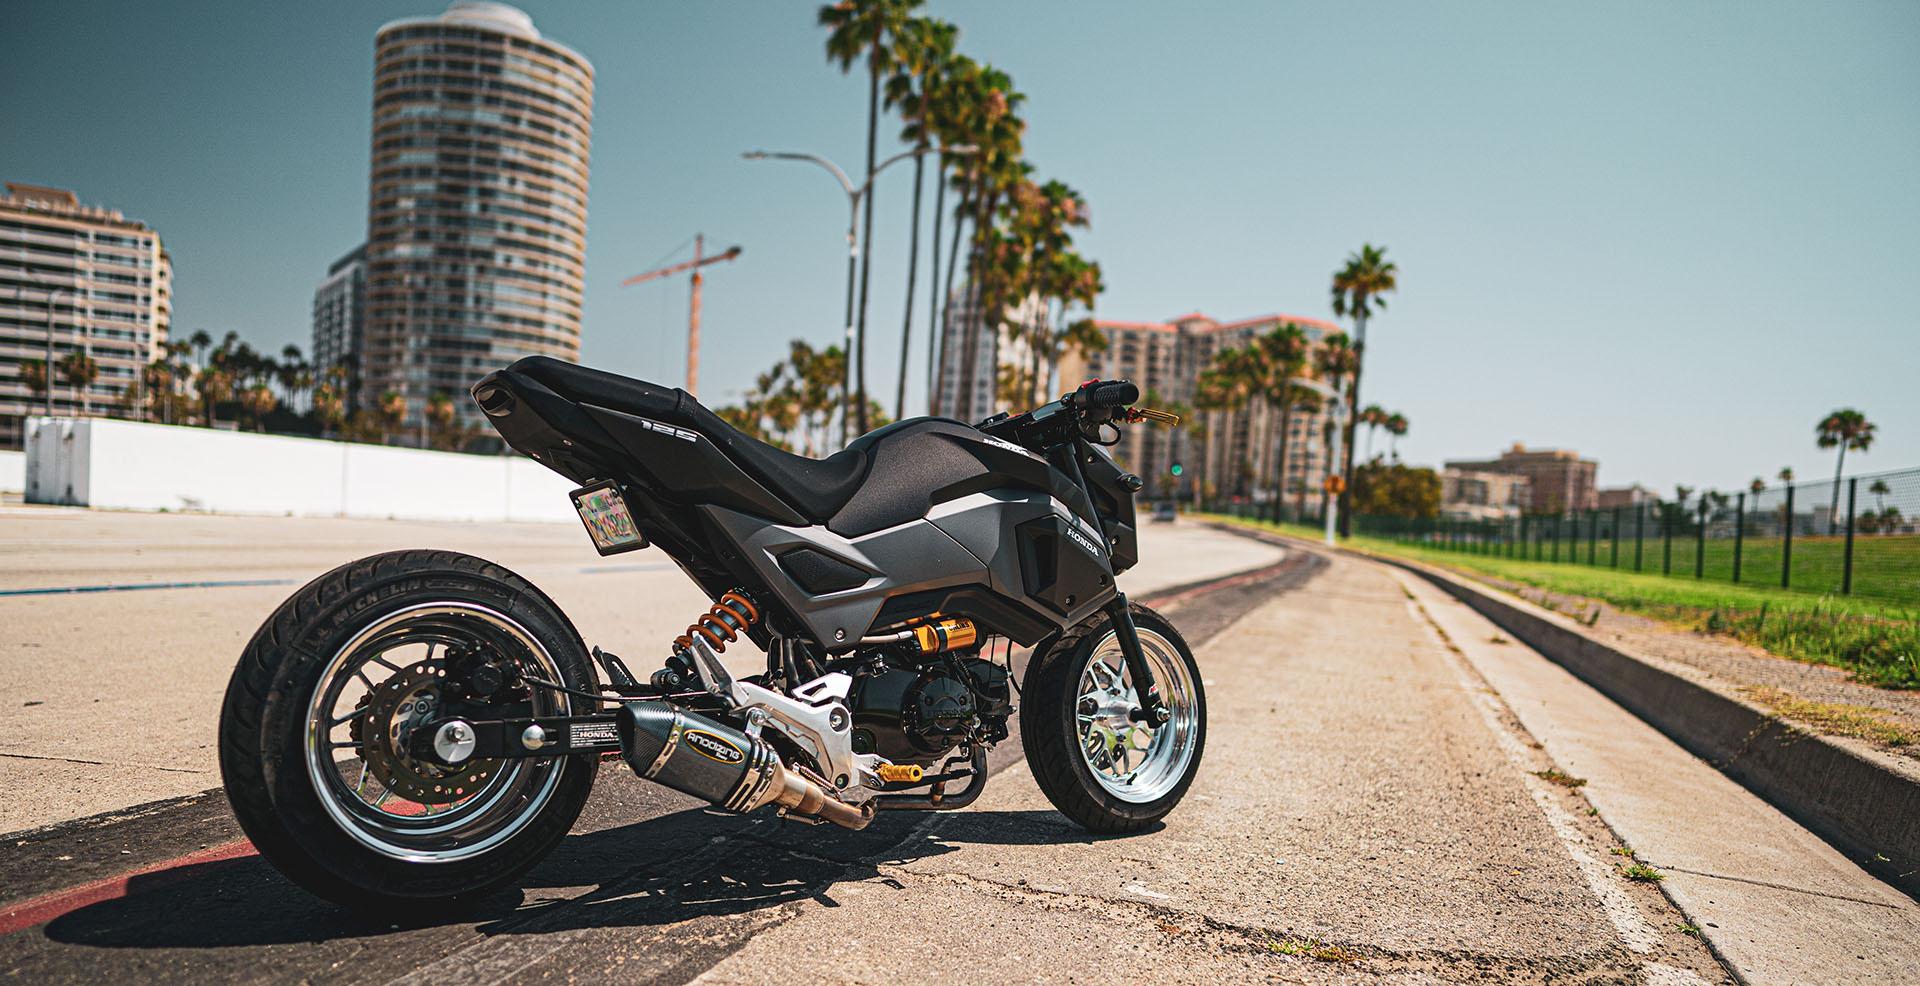 Parts For Honda Grom Ruckus Gy6 Yamaha Zuma Drowsports